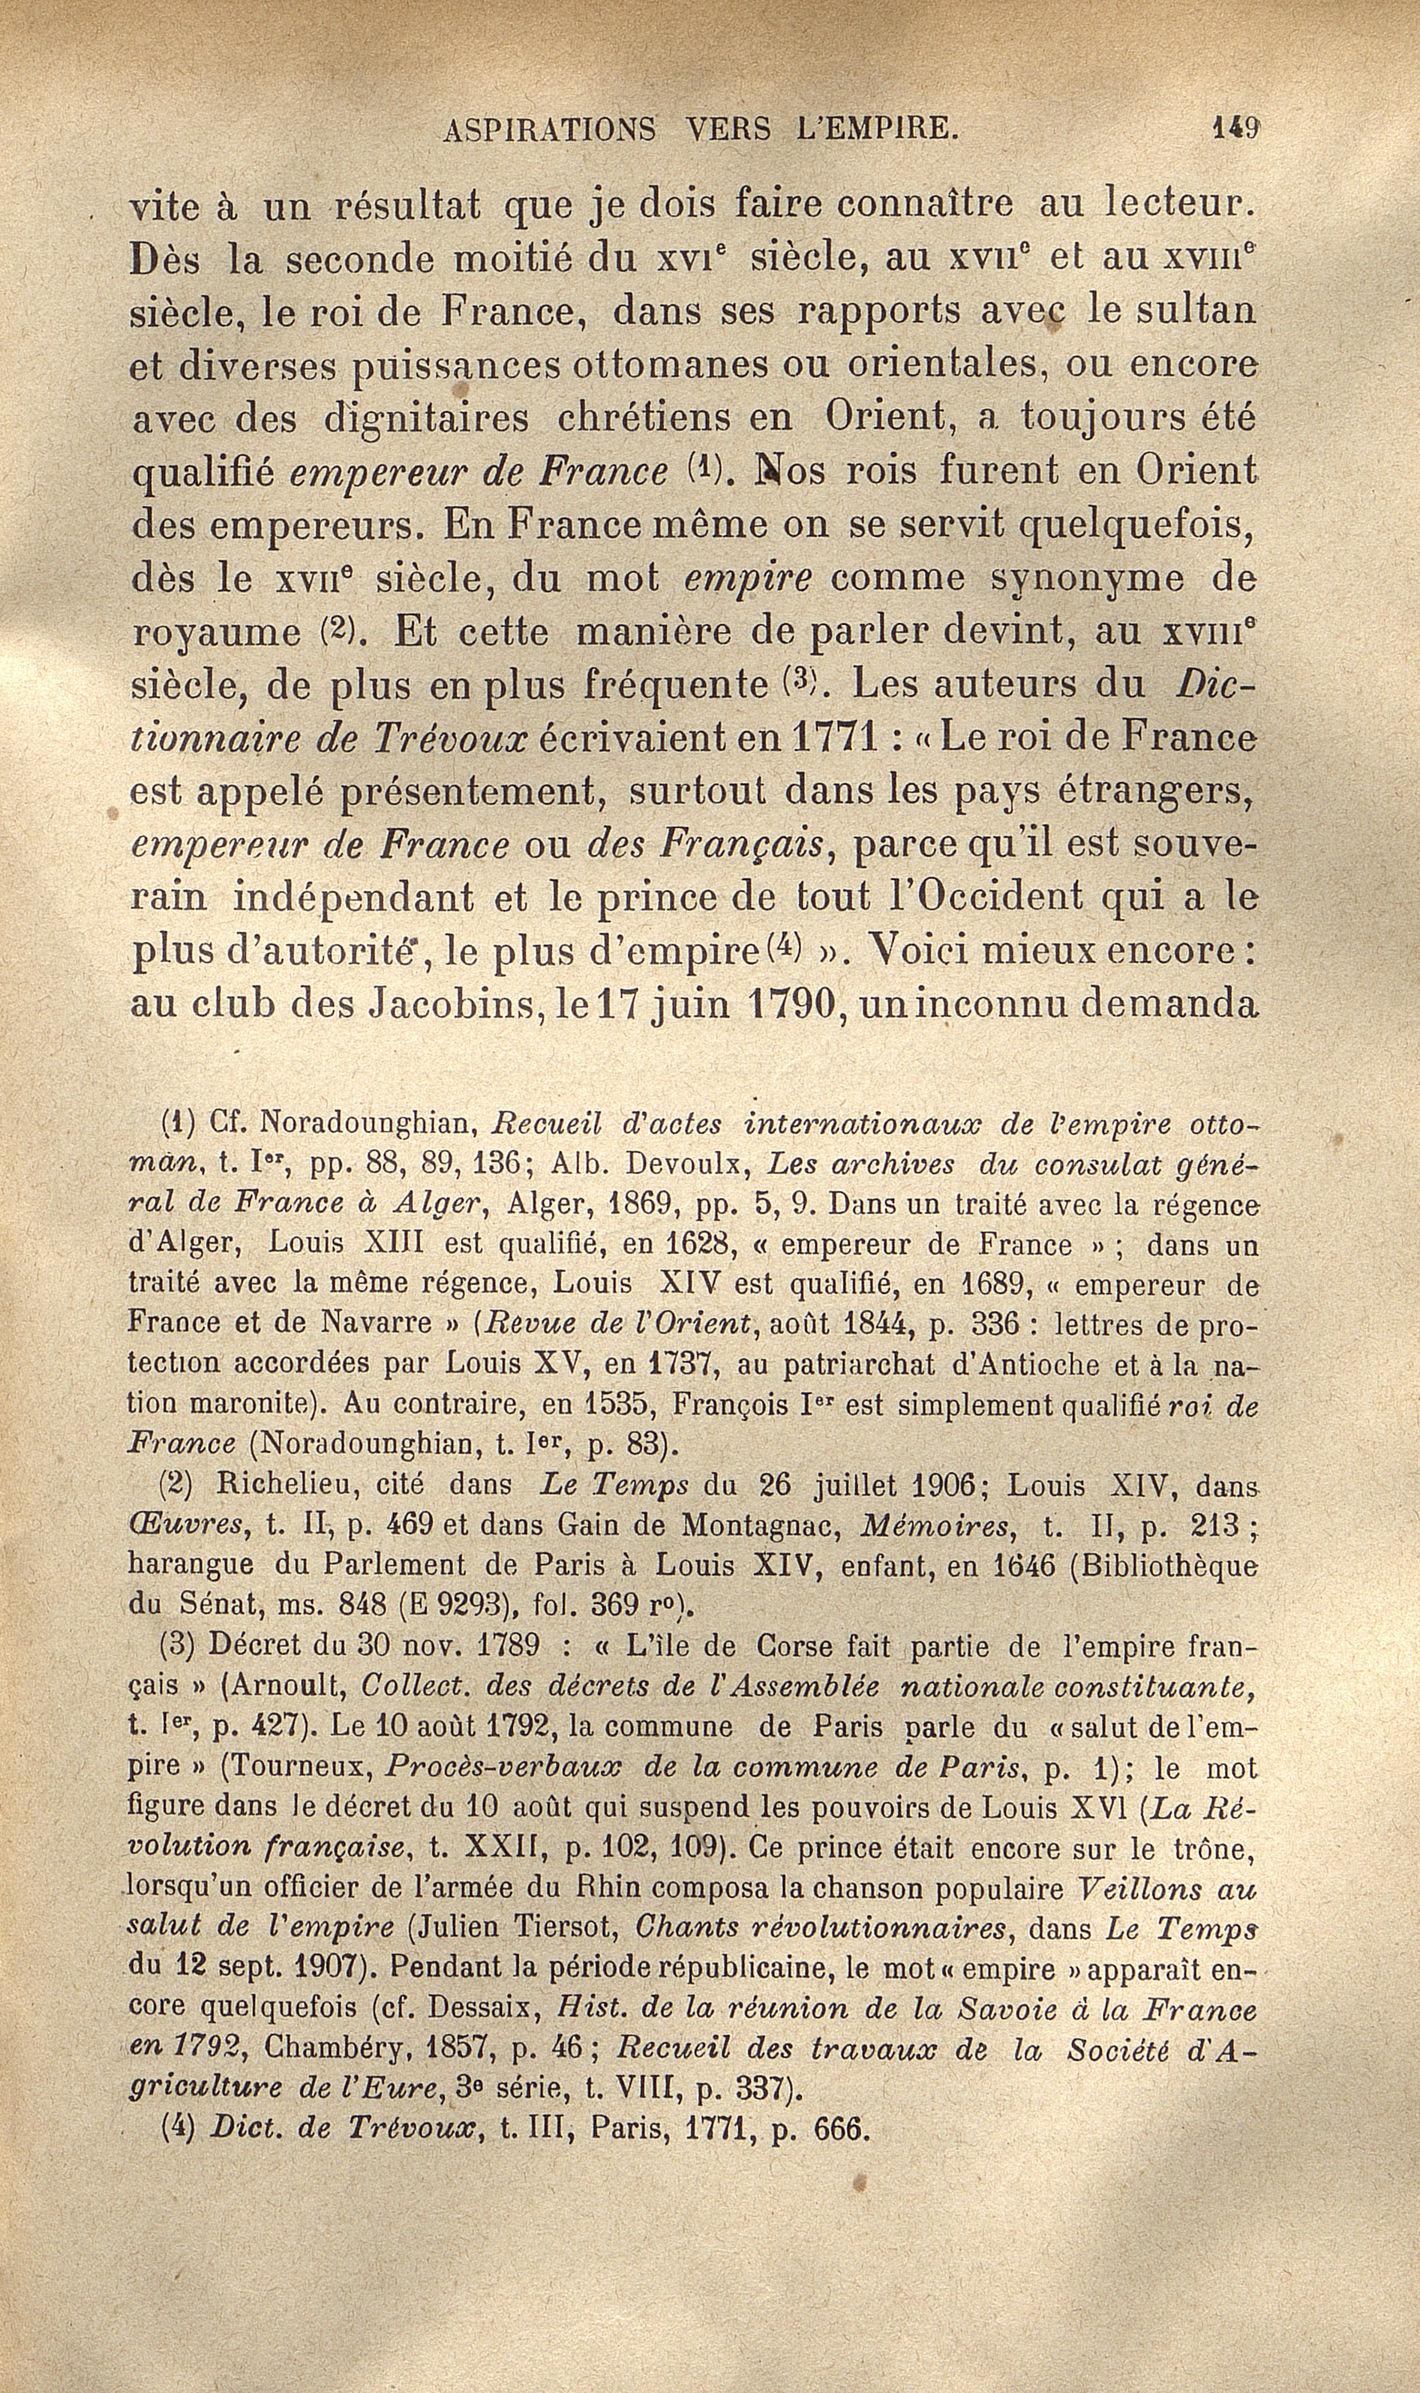 http://expo-paulviollet.univ-paris1.fr/wp-content/uploads/2016/02/0605381272_0163.jpg